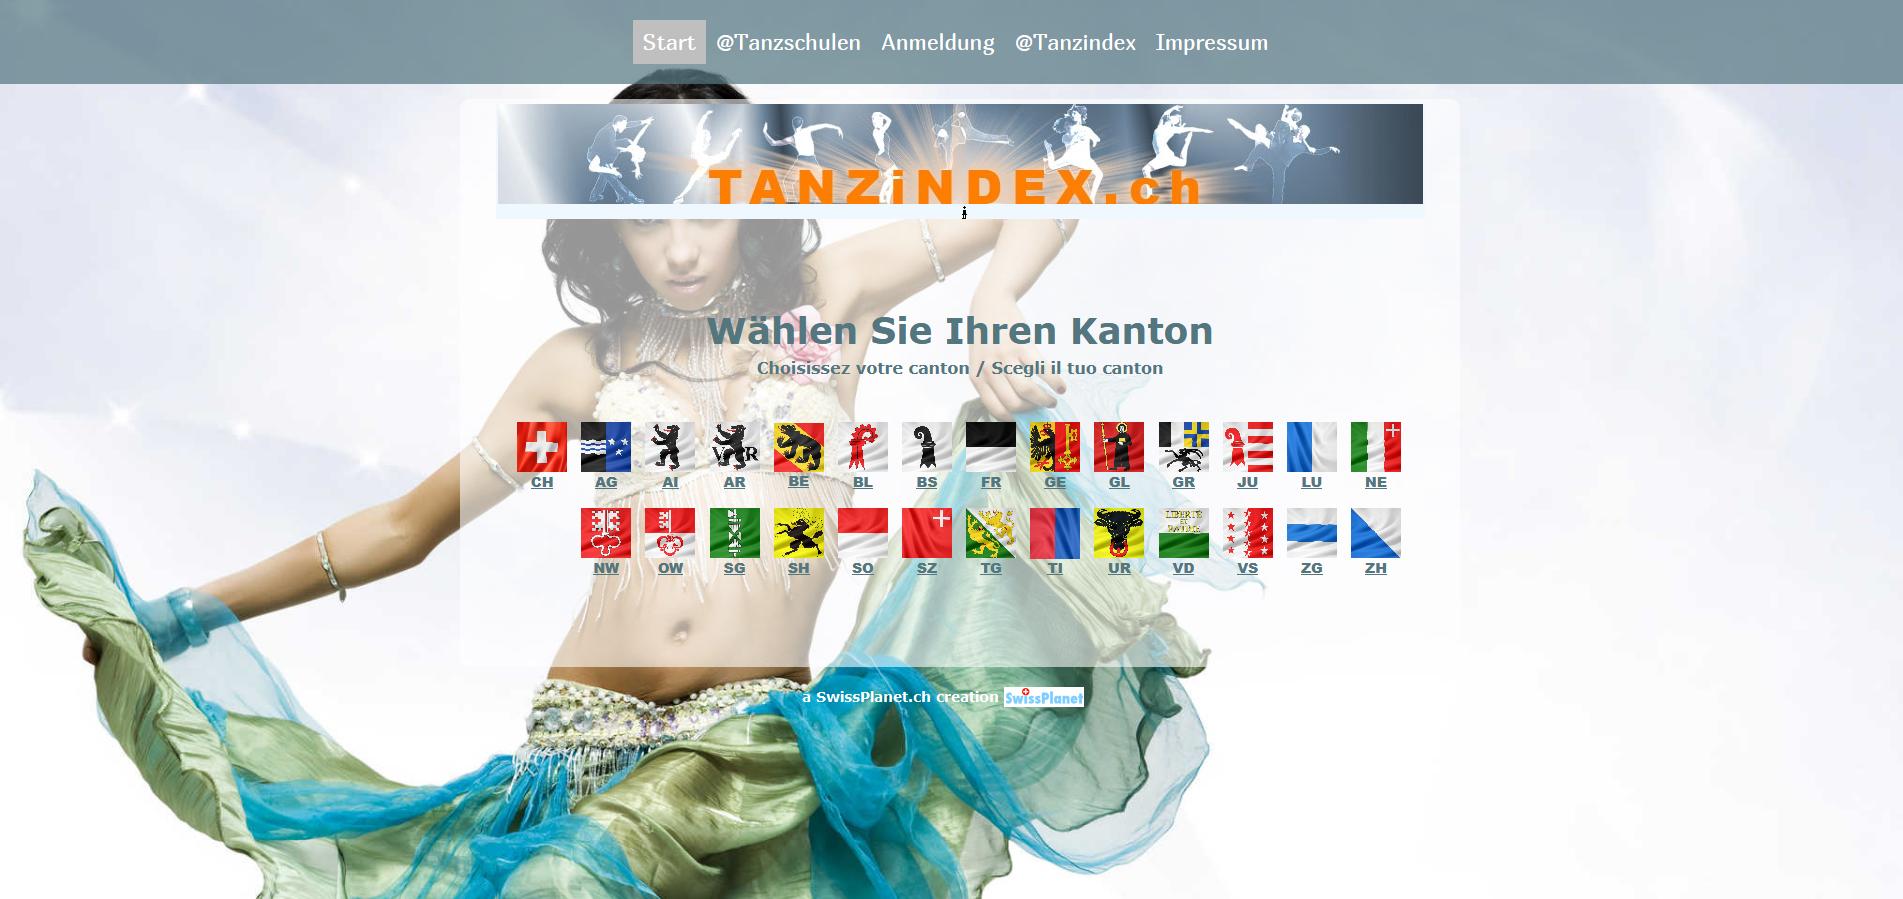 tanzindex.ch